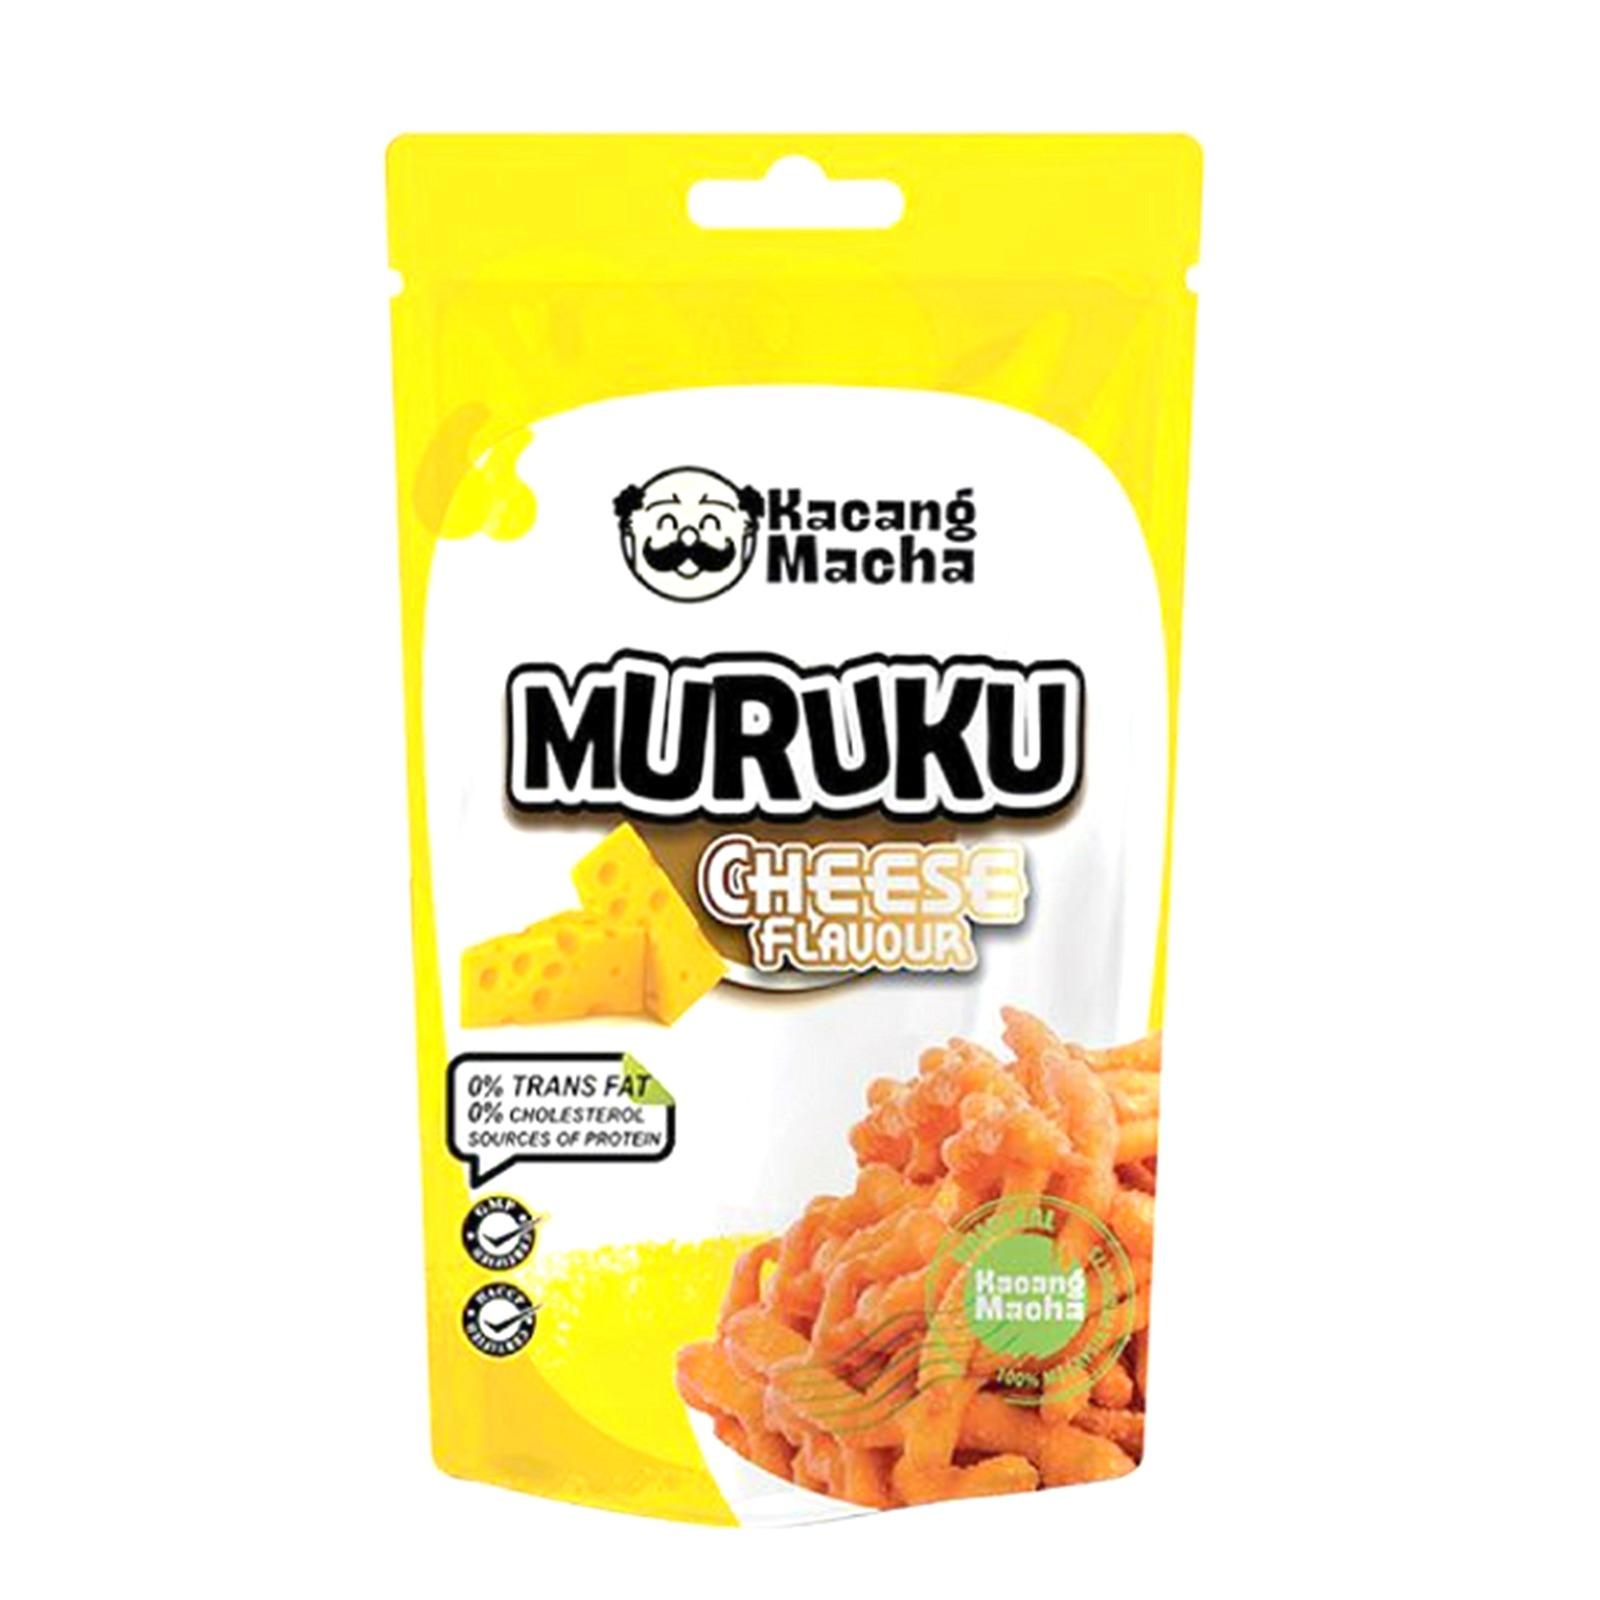 Kacang Macha Muruku Cheese Flavour